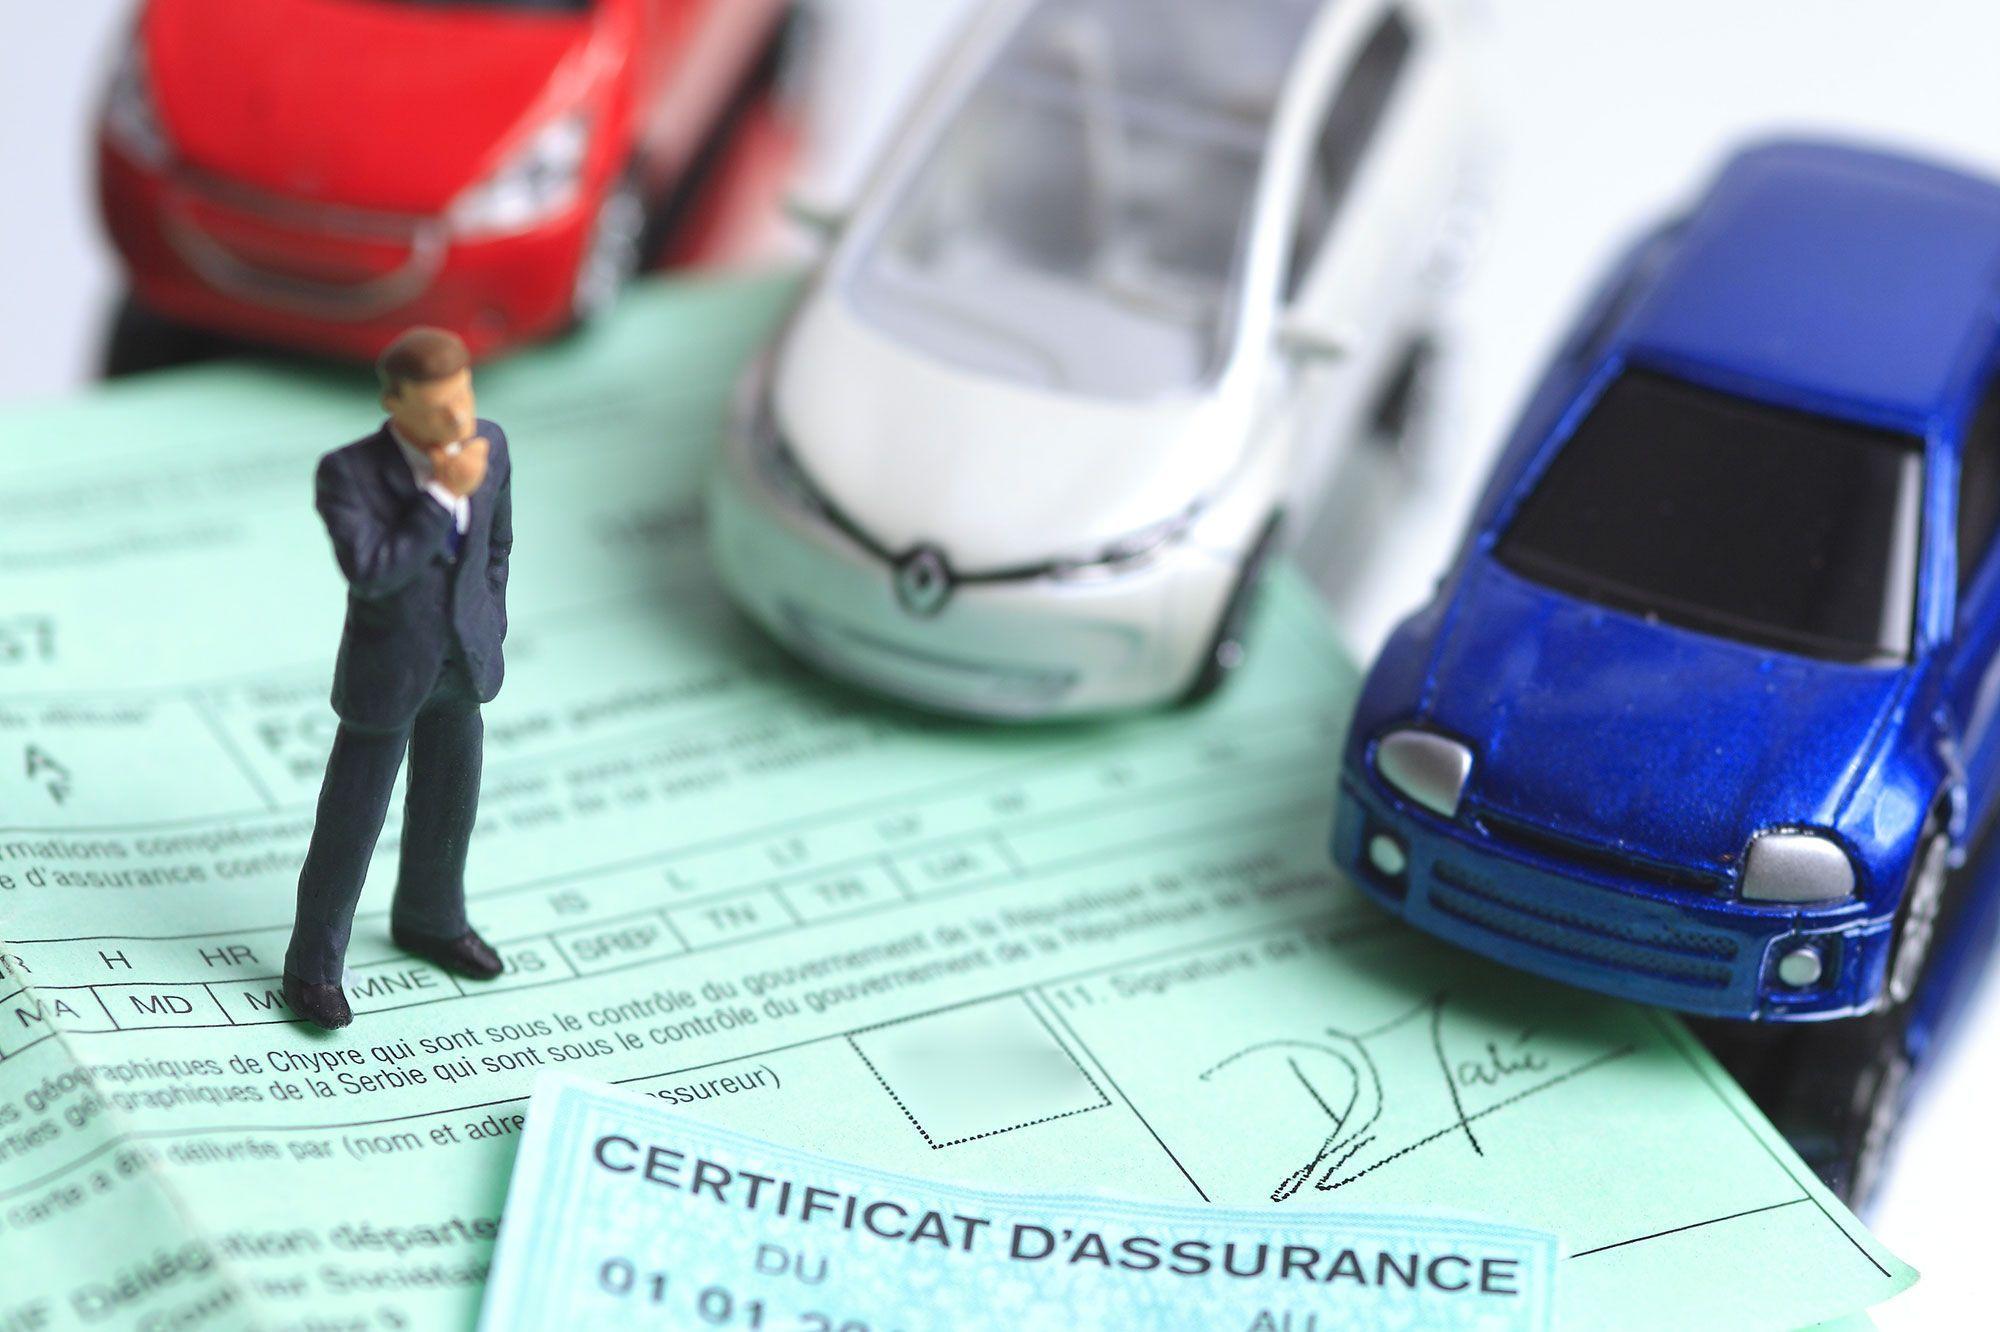 J'ai besoin d'une assurance : comment choisir la bonne formule d'assurance auto ?